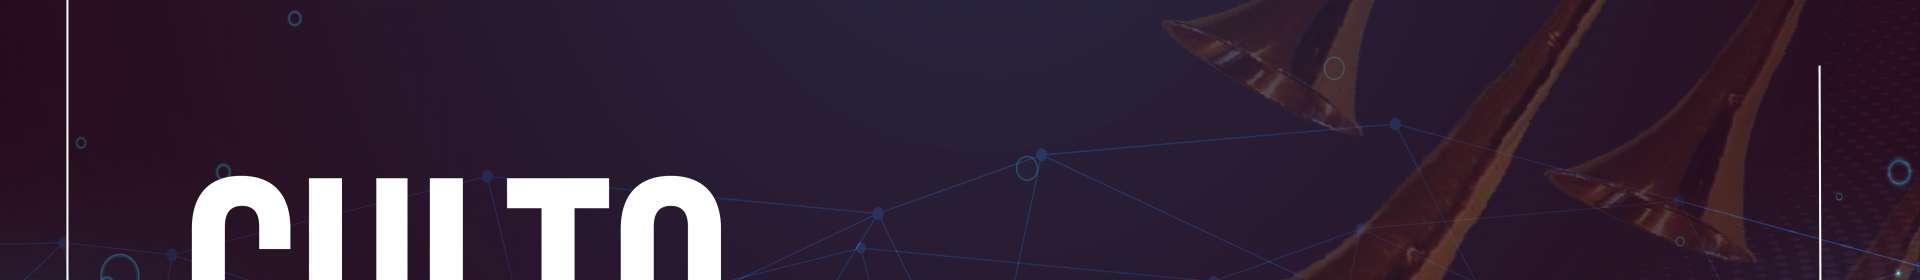 Culto via satélite exibido em 29/10/2019